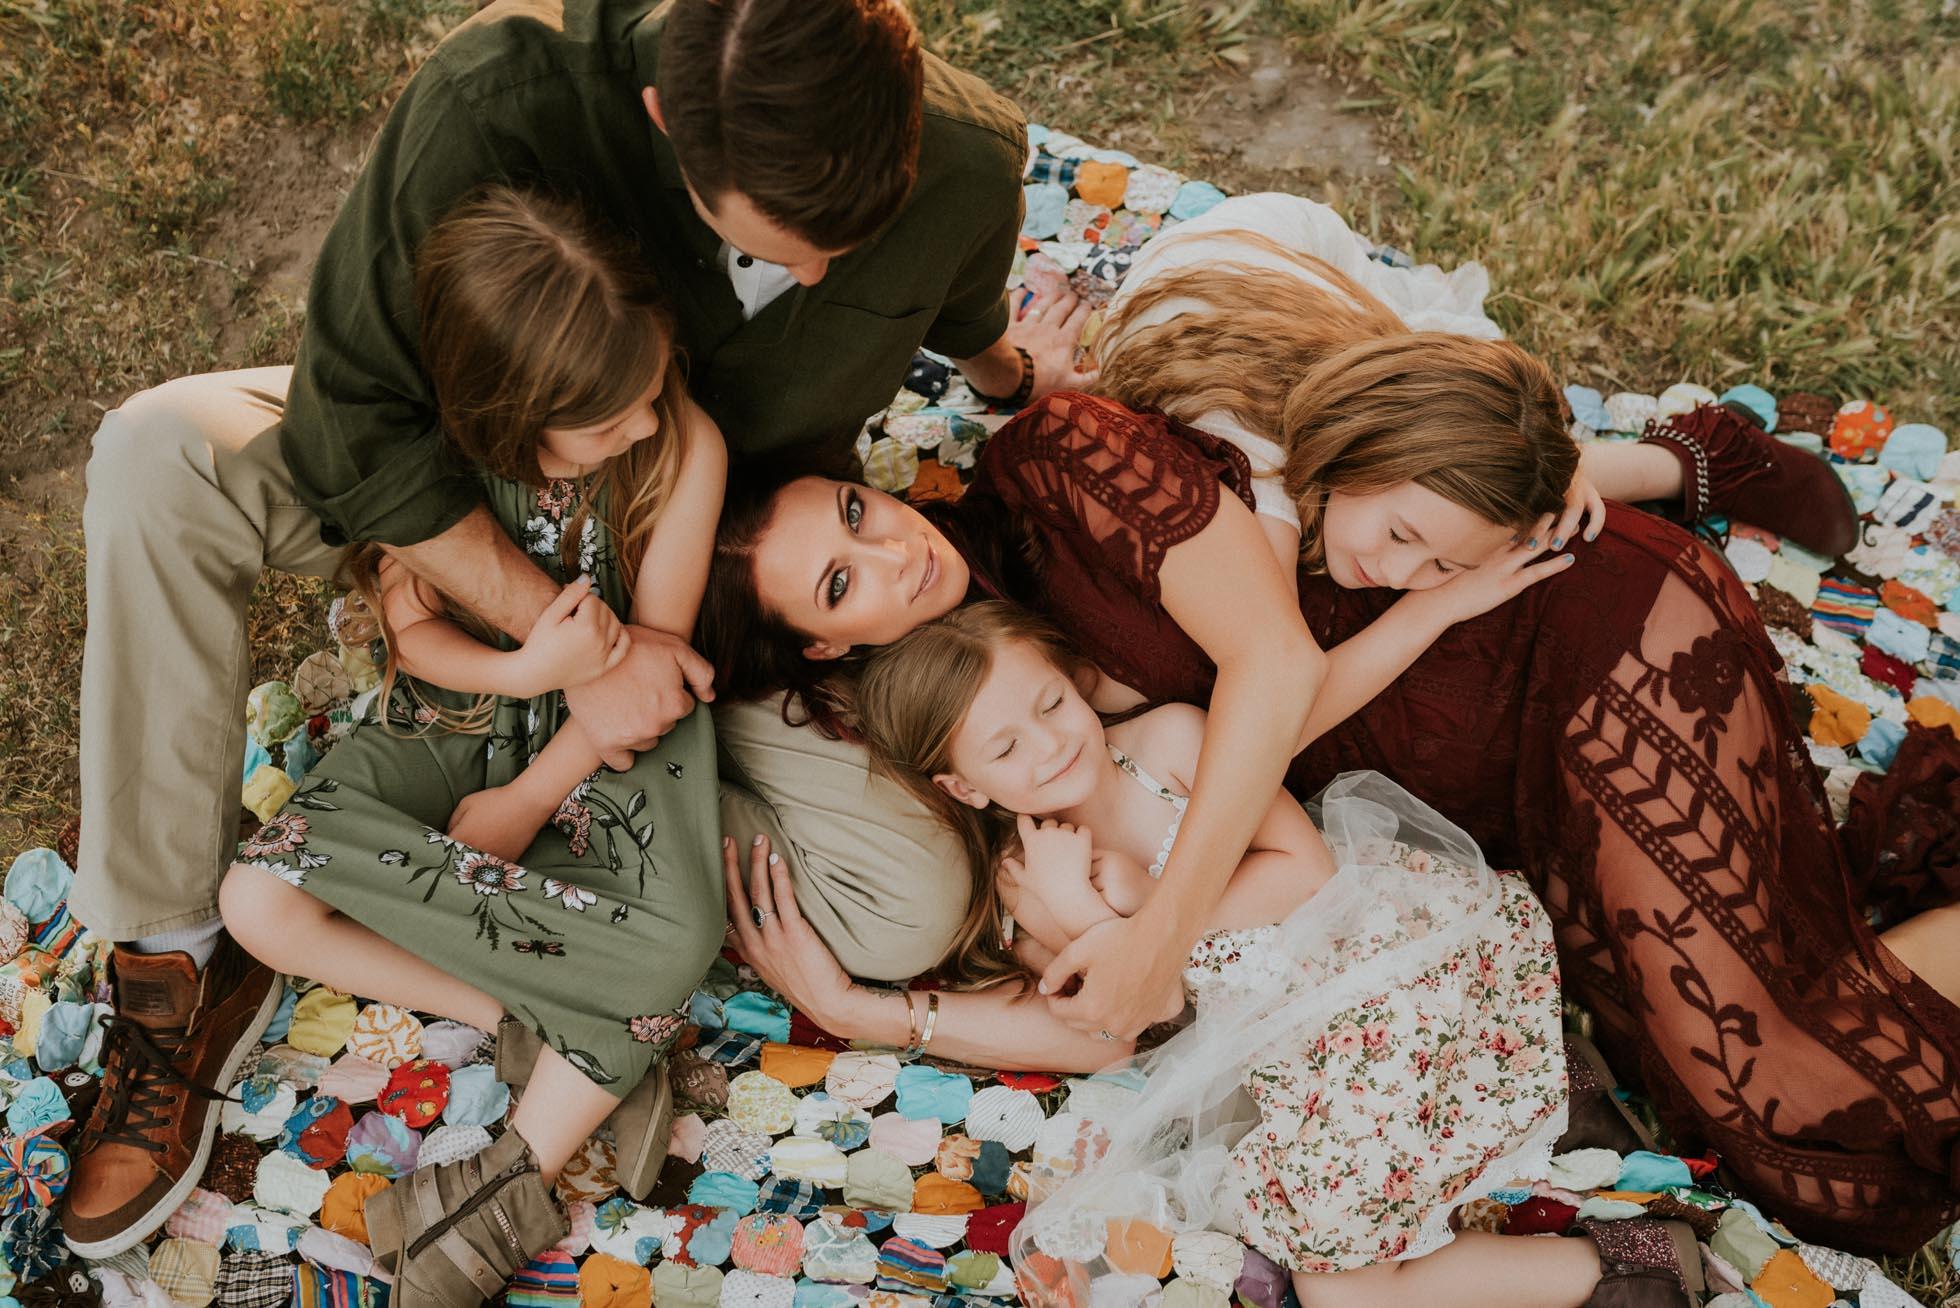 Loving Family Photos by Jamie Rubeis